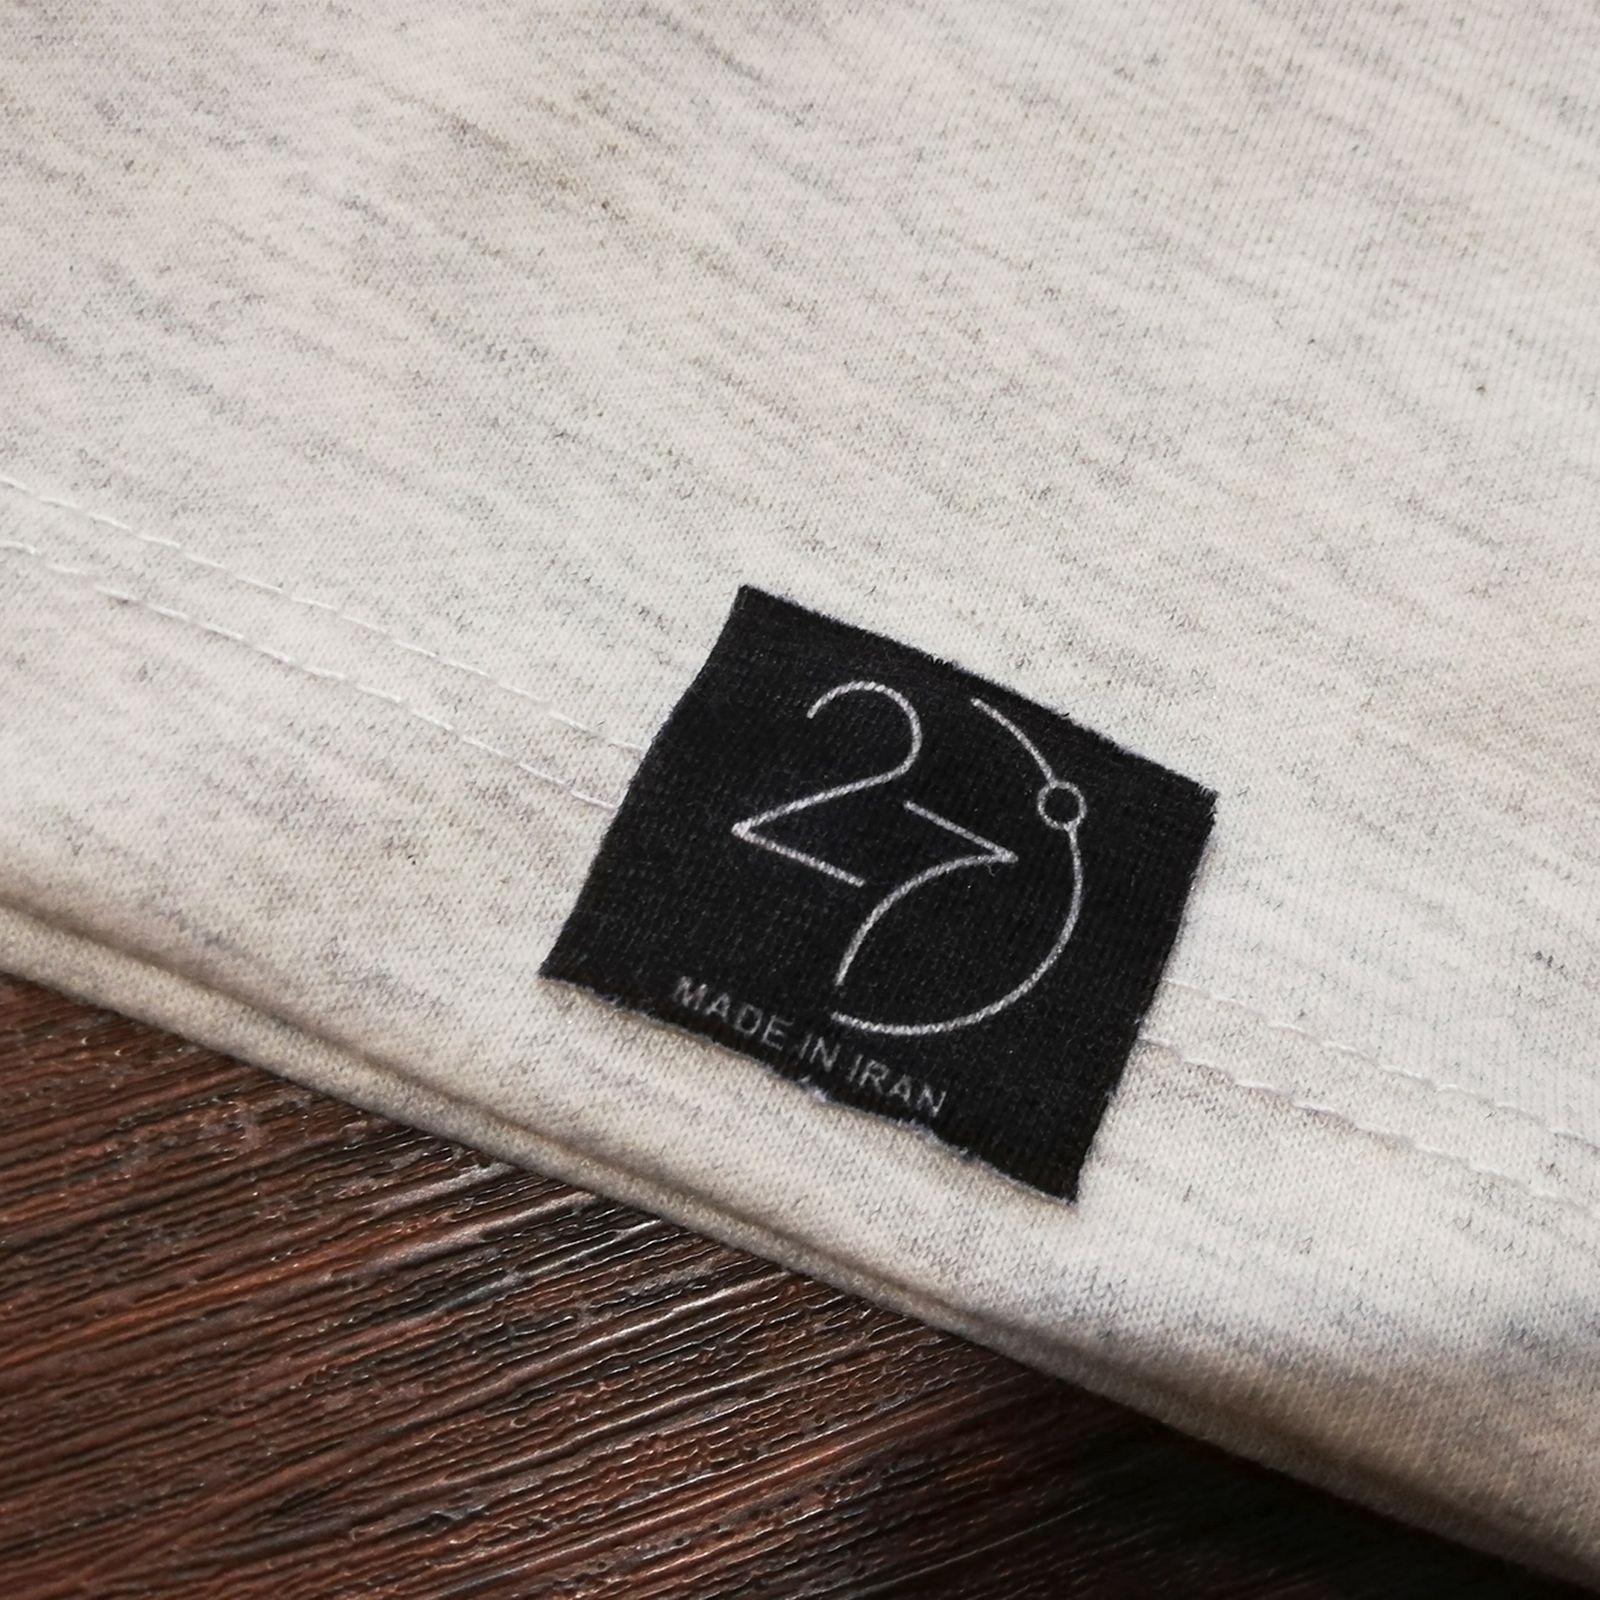 ست تاپ و شلوارک مردانه 27 طرح batman کد H08 -  - 6